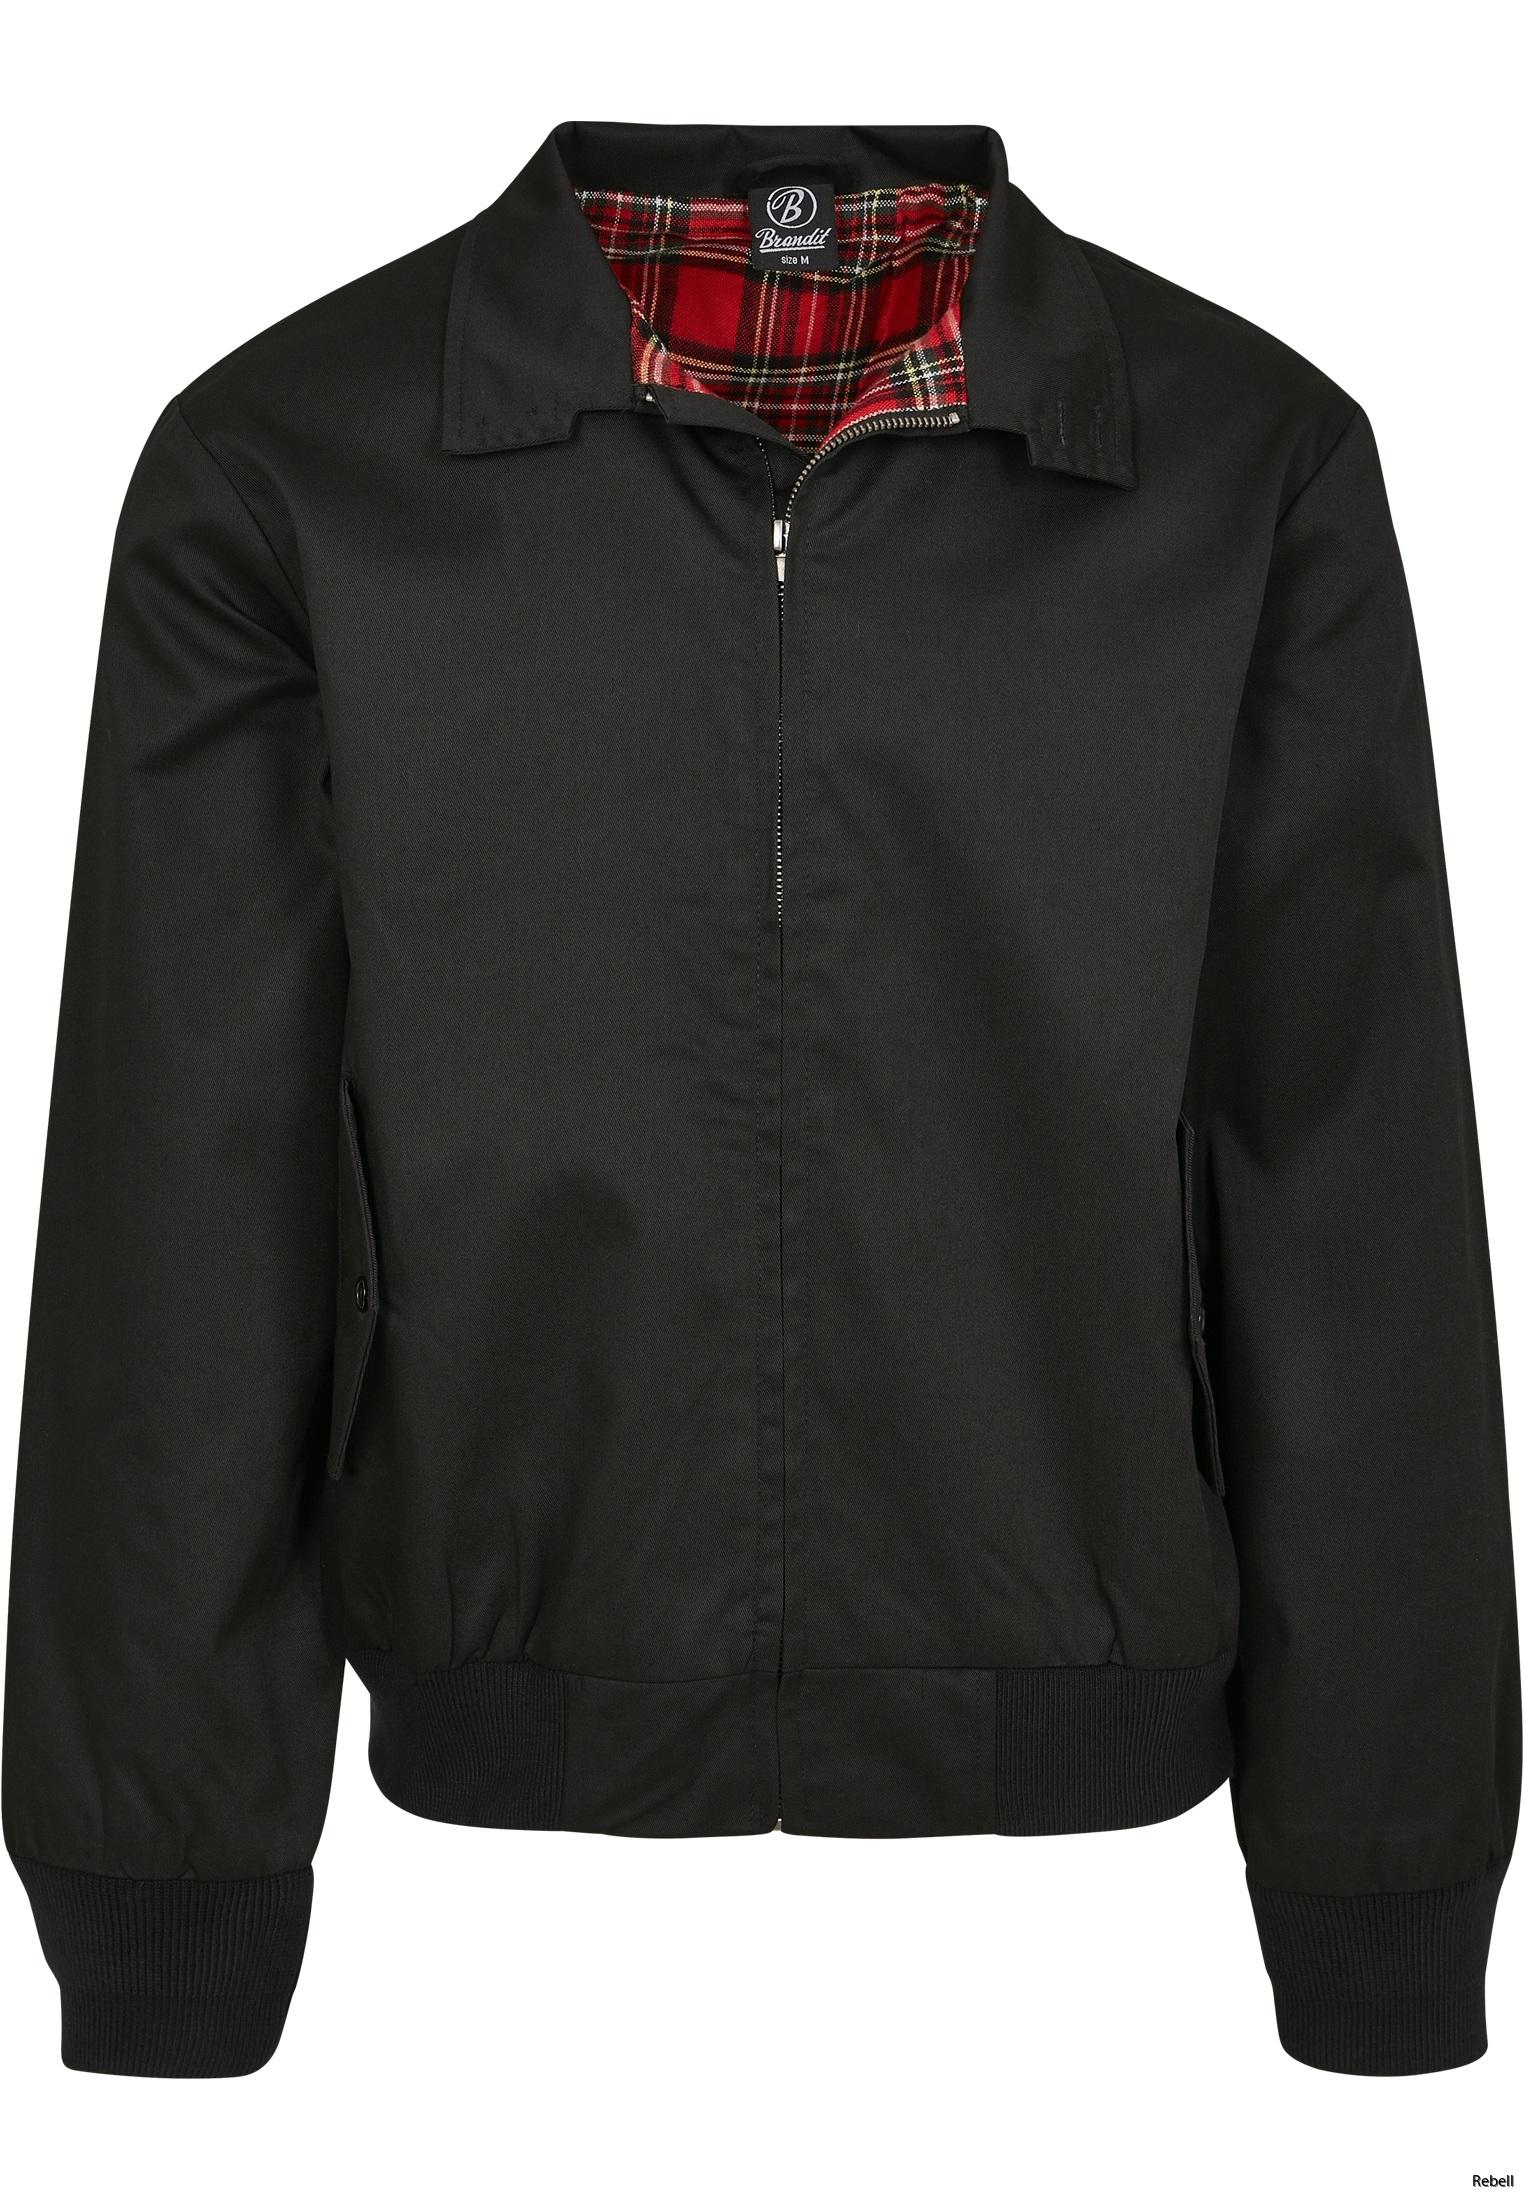 bombarjacka jacka vårjacka rebell rebellkläder kläder webbshop klädshop